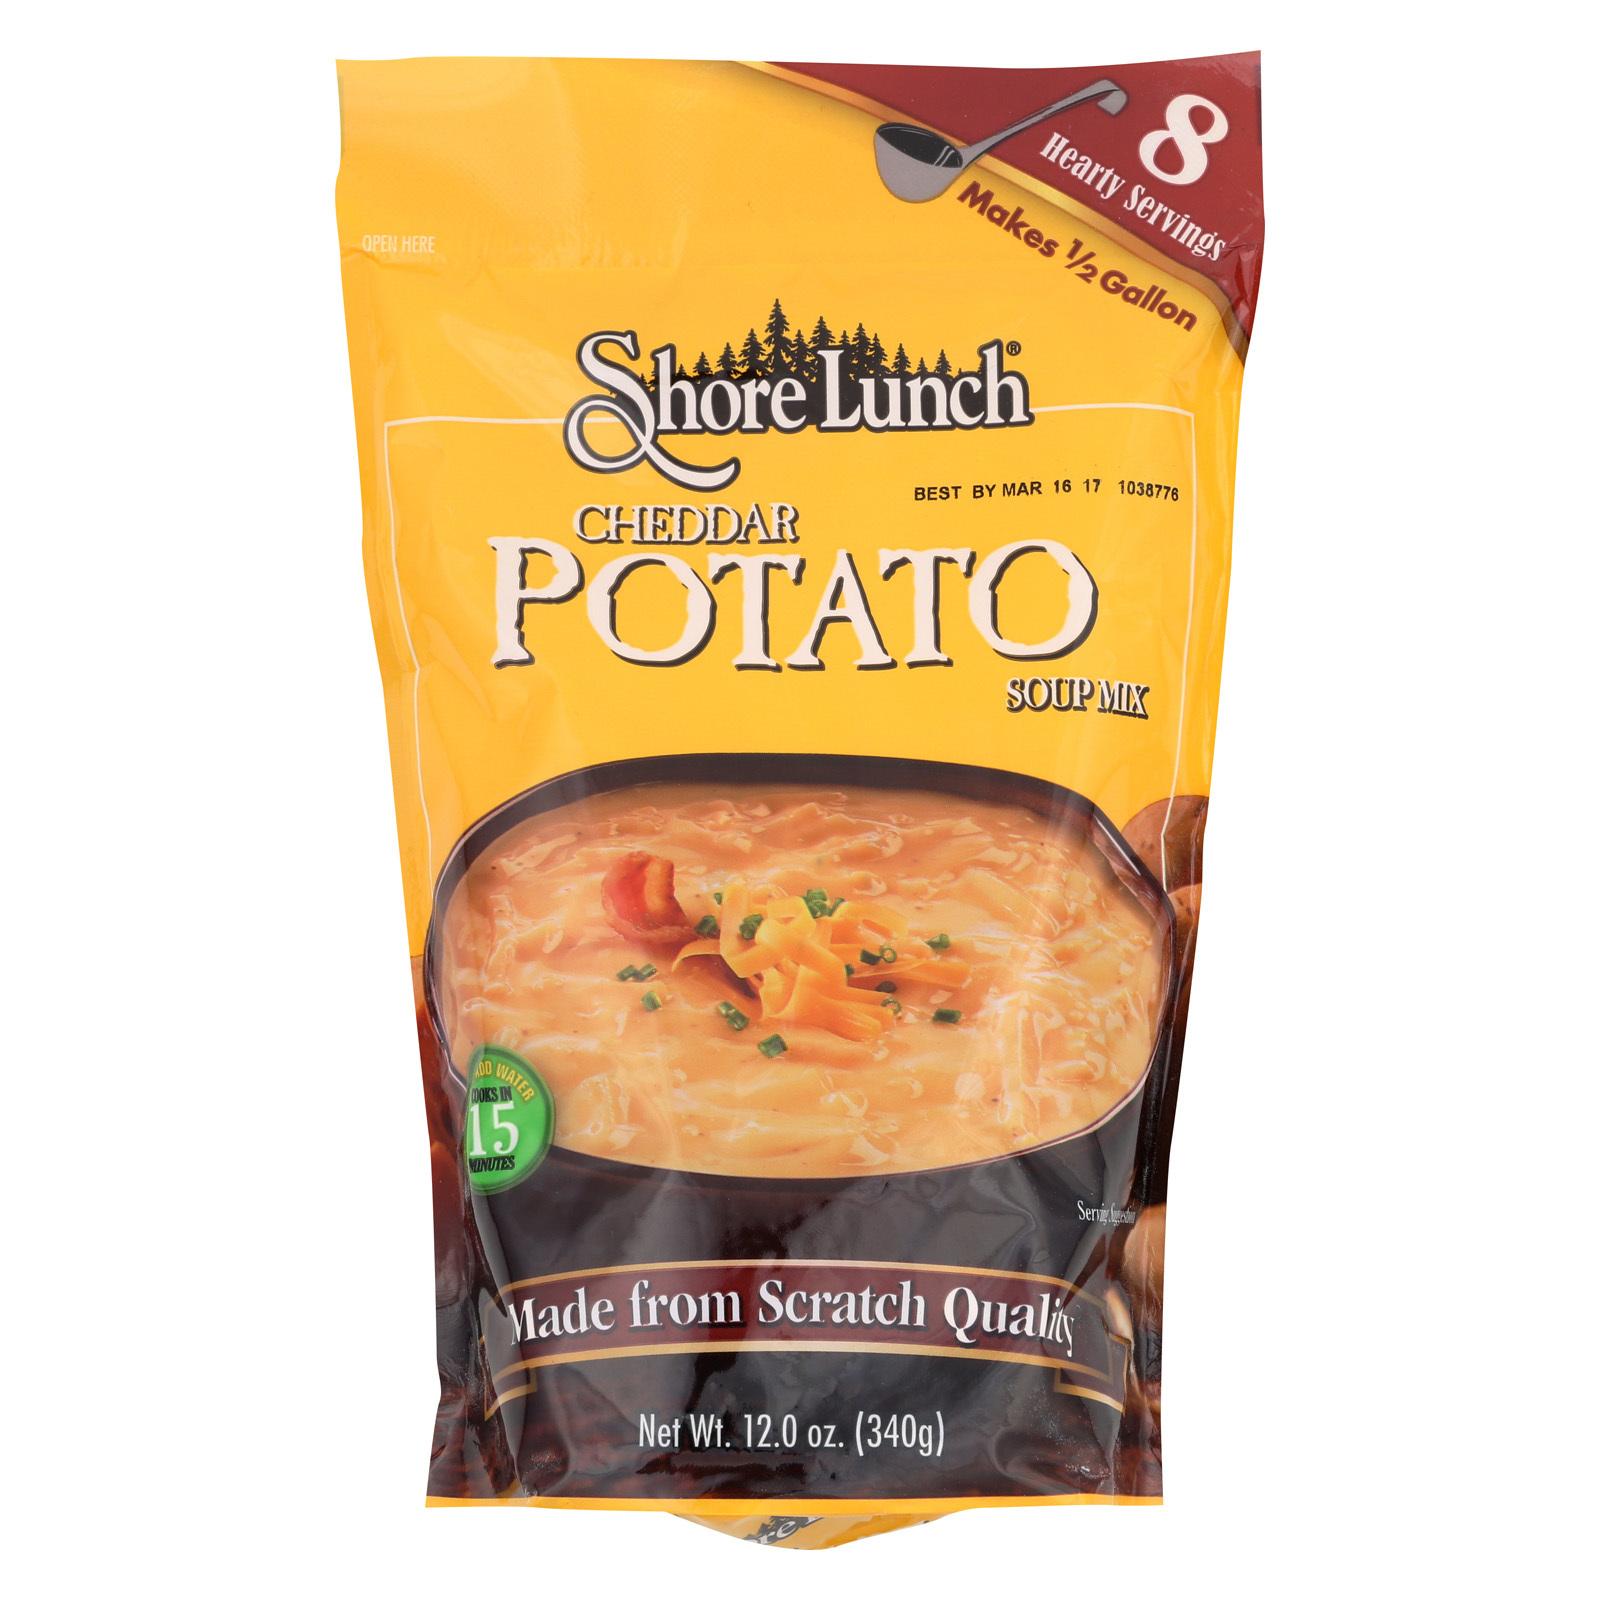 Shore Lunch Cheddar Potato Soup Mix - Case of 6 - 12 oz.